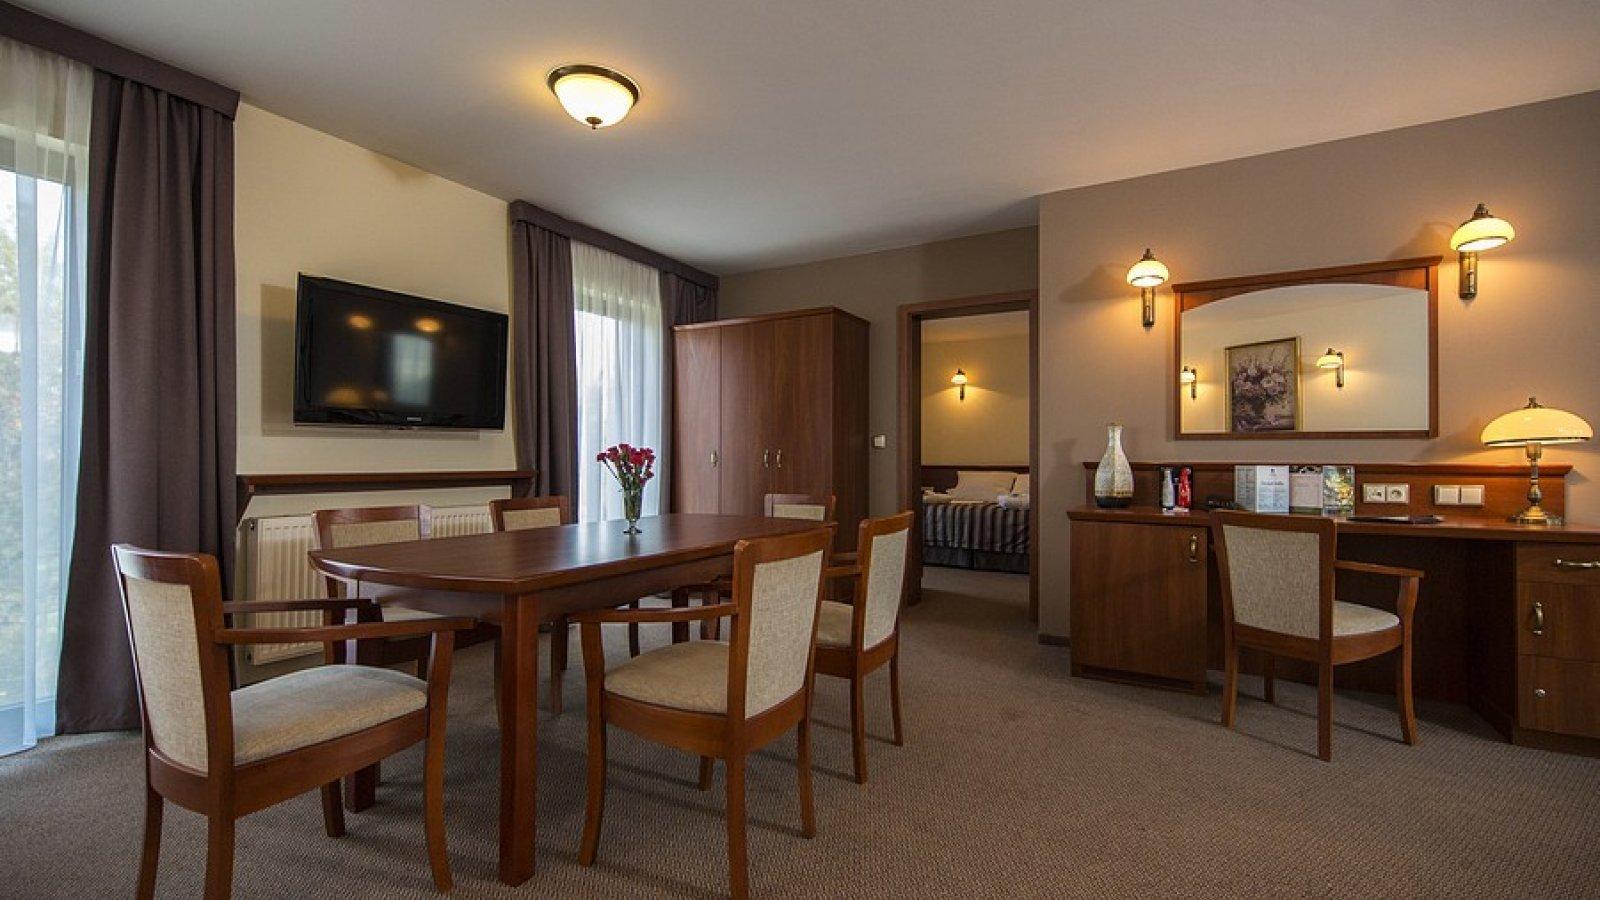 Hotelappartement - Familienzimmer